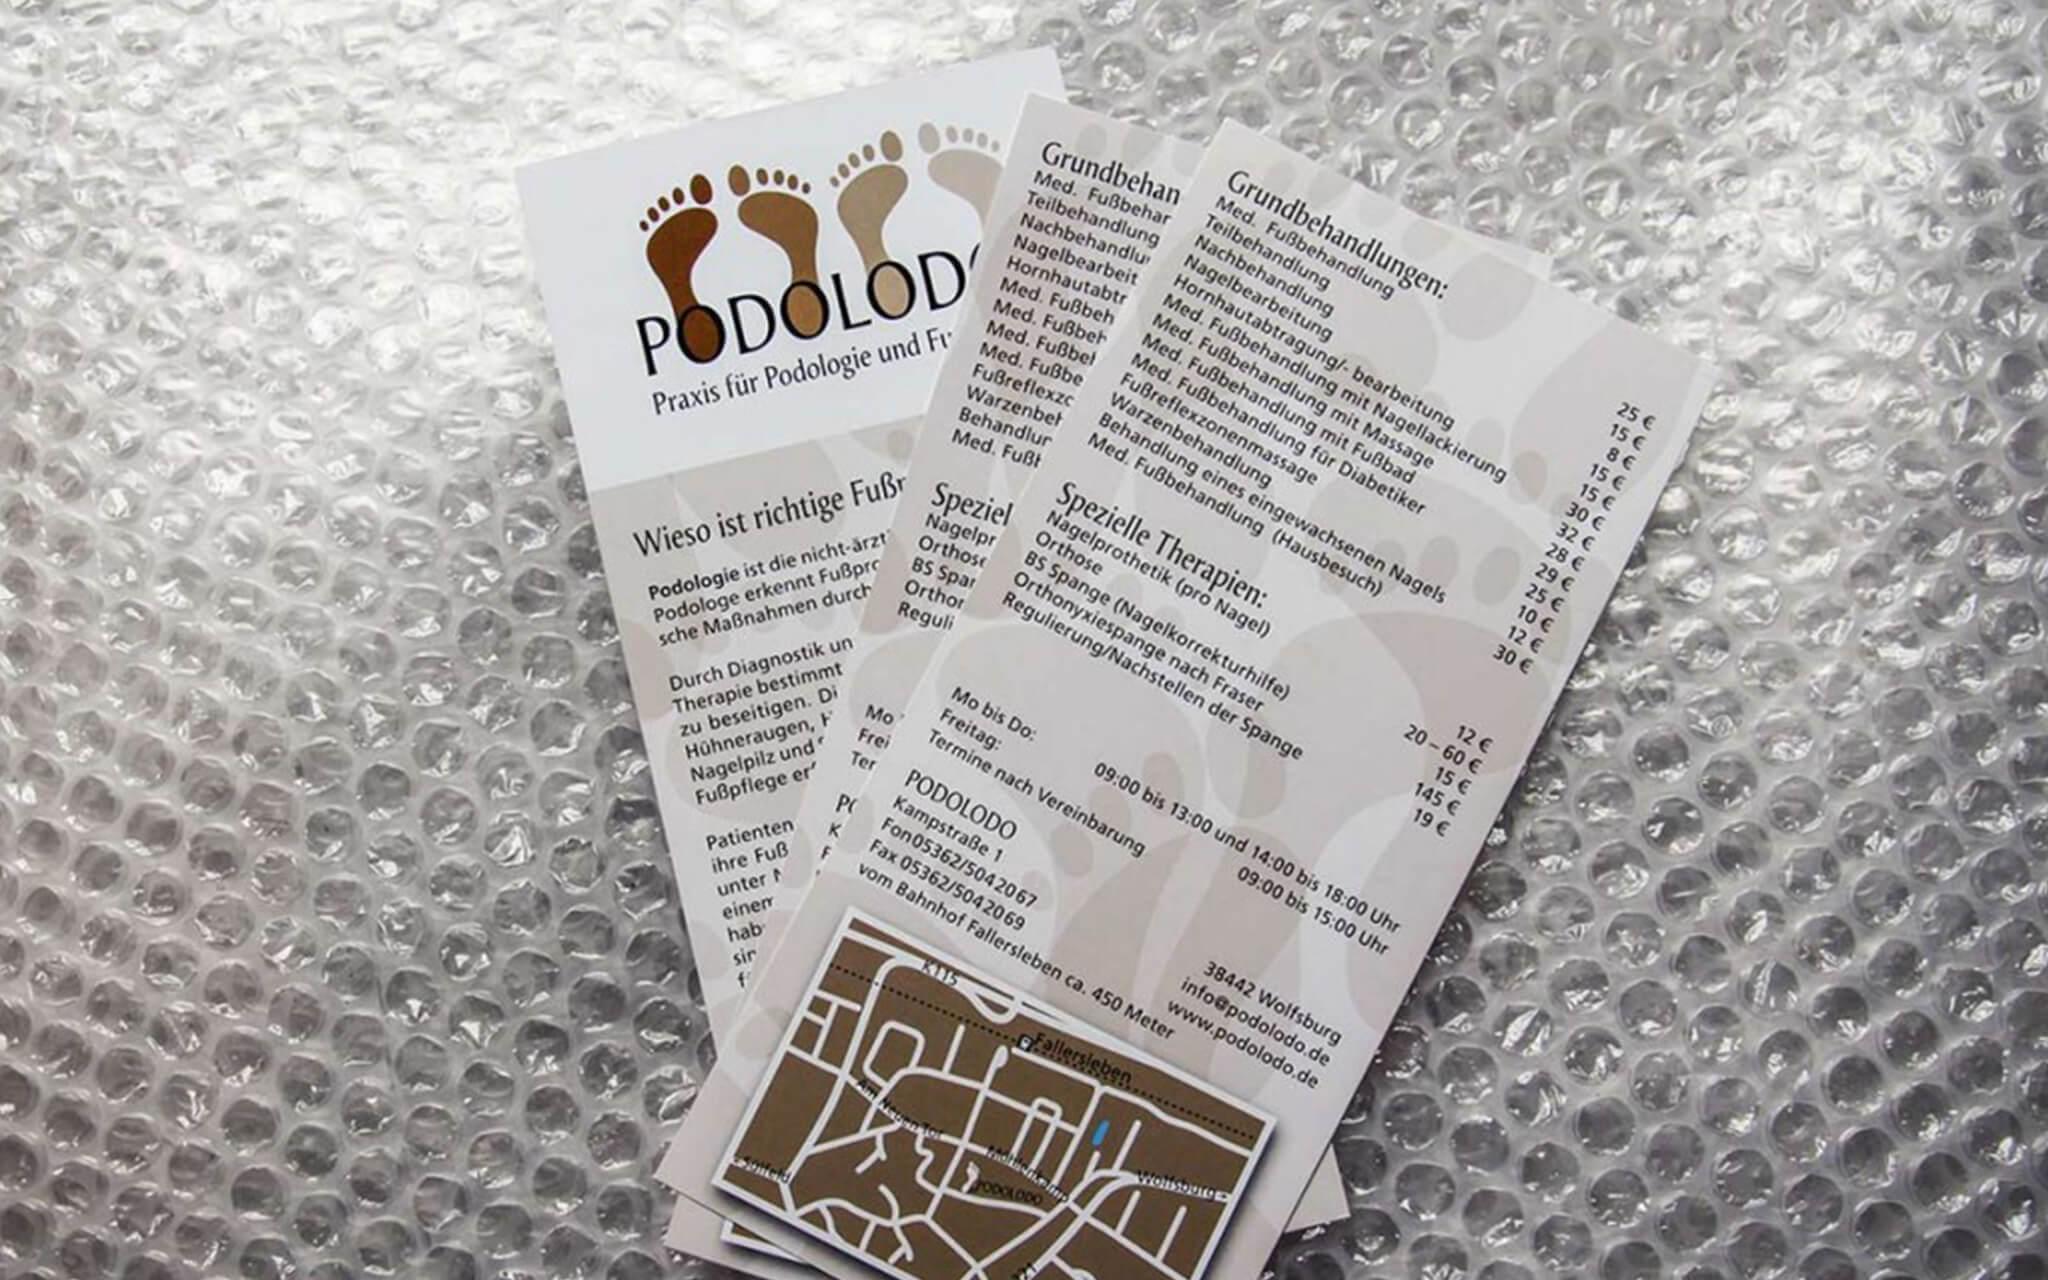 podolodo-mediarock-flyer